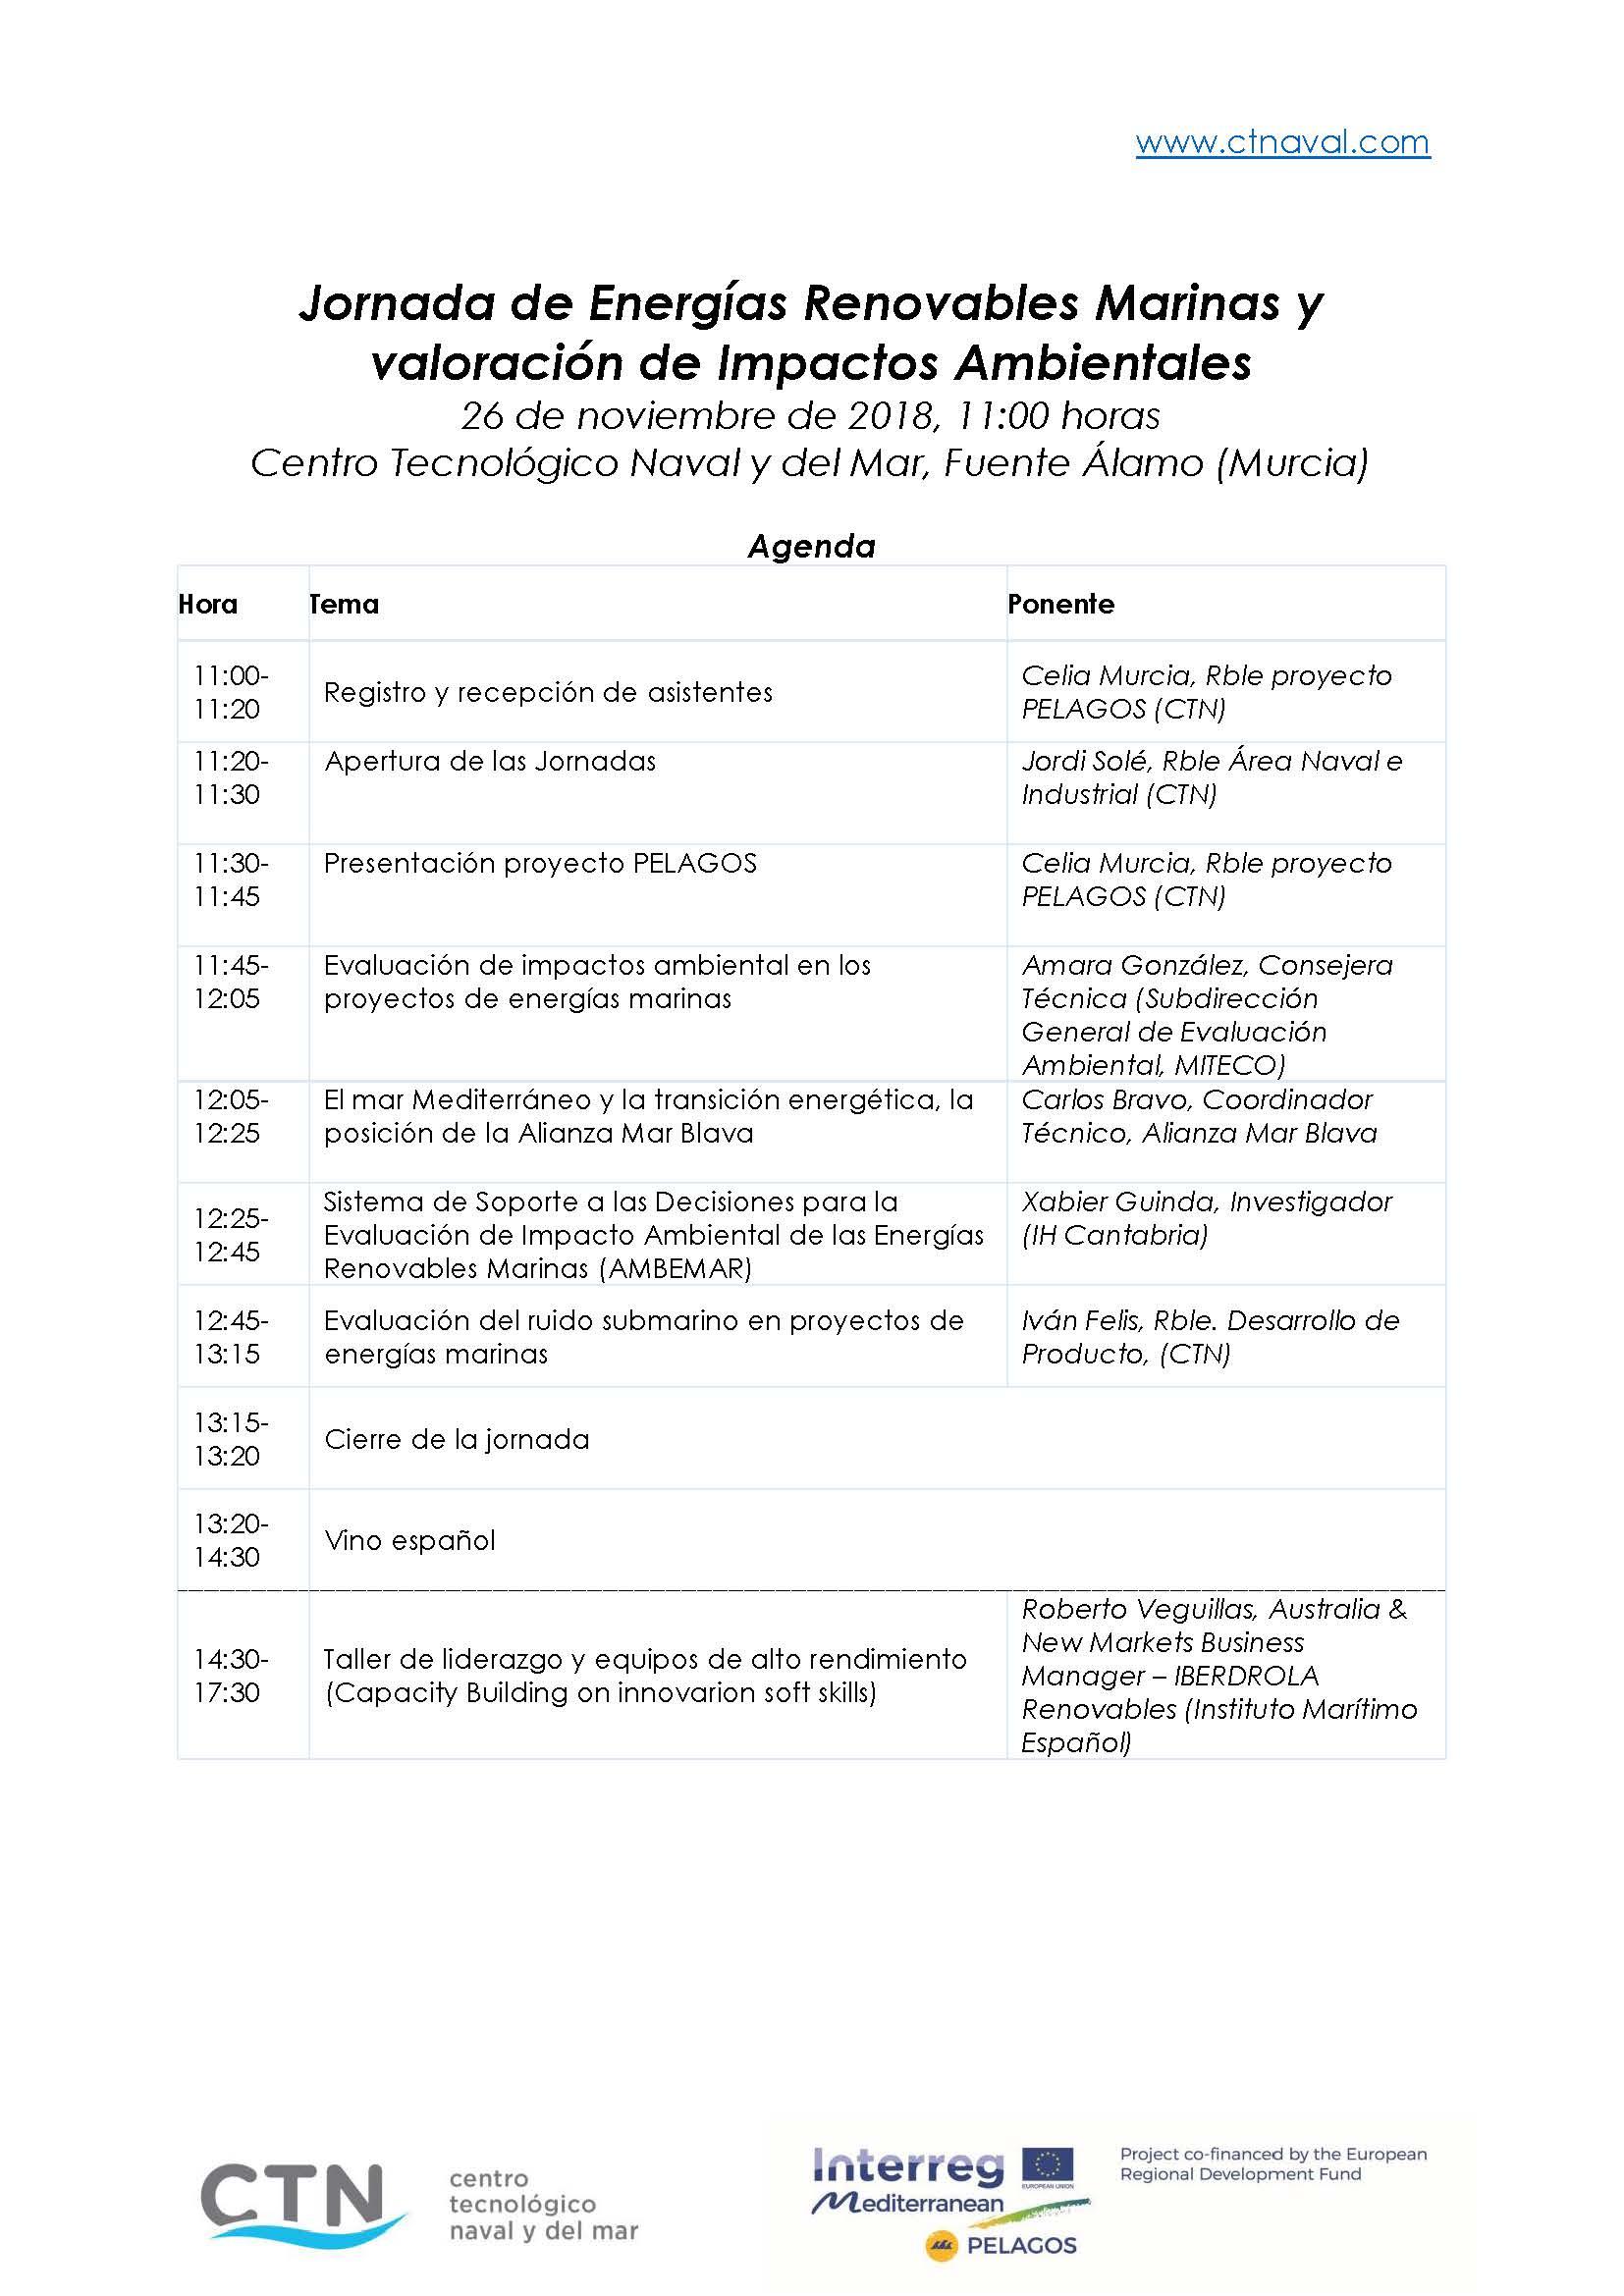 Agenda_PELAGOS_Nov2018-Workshop